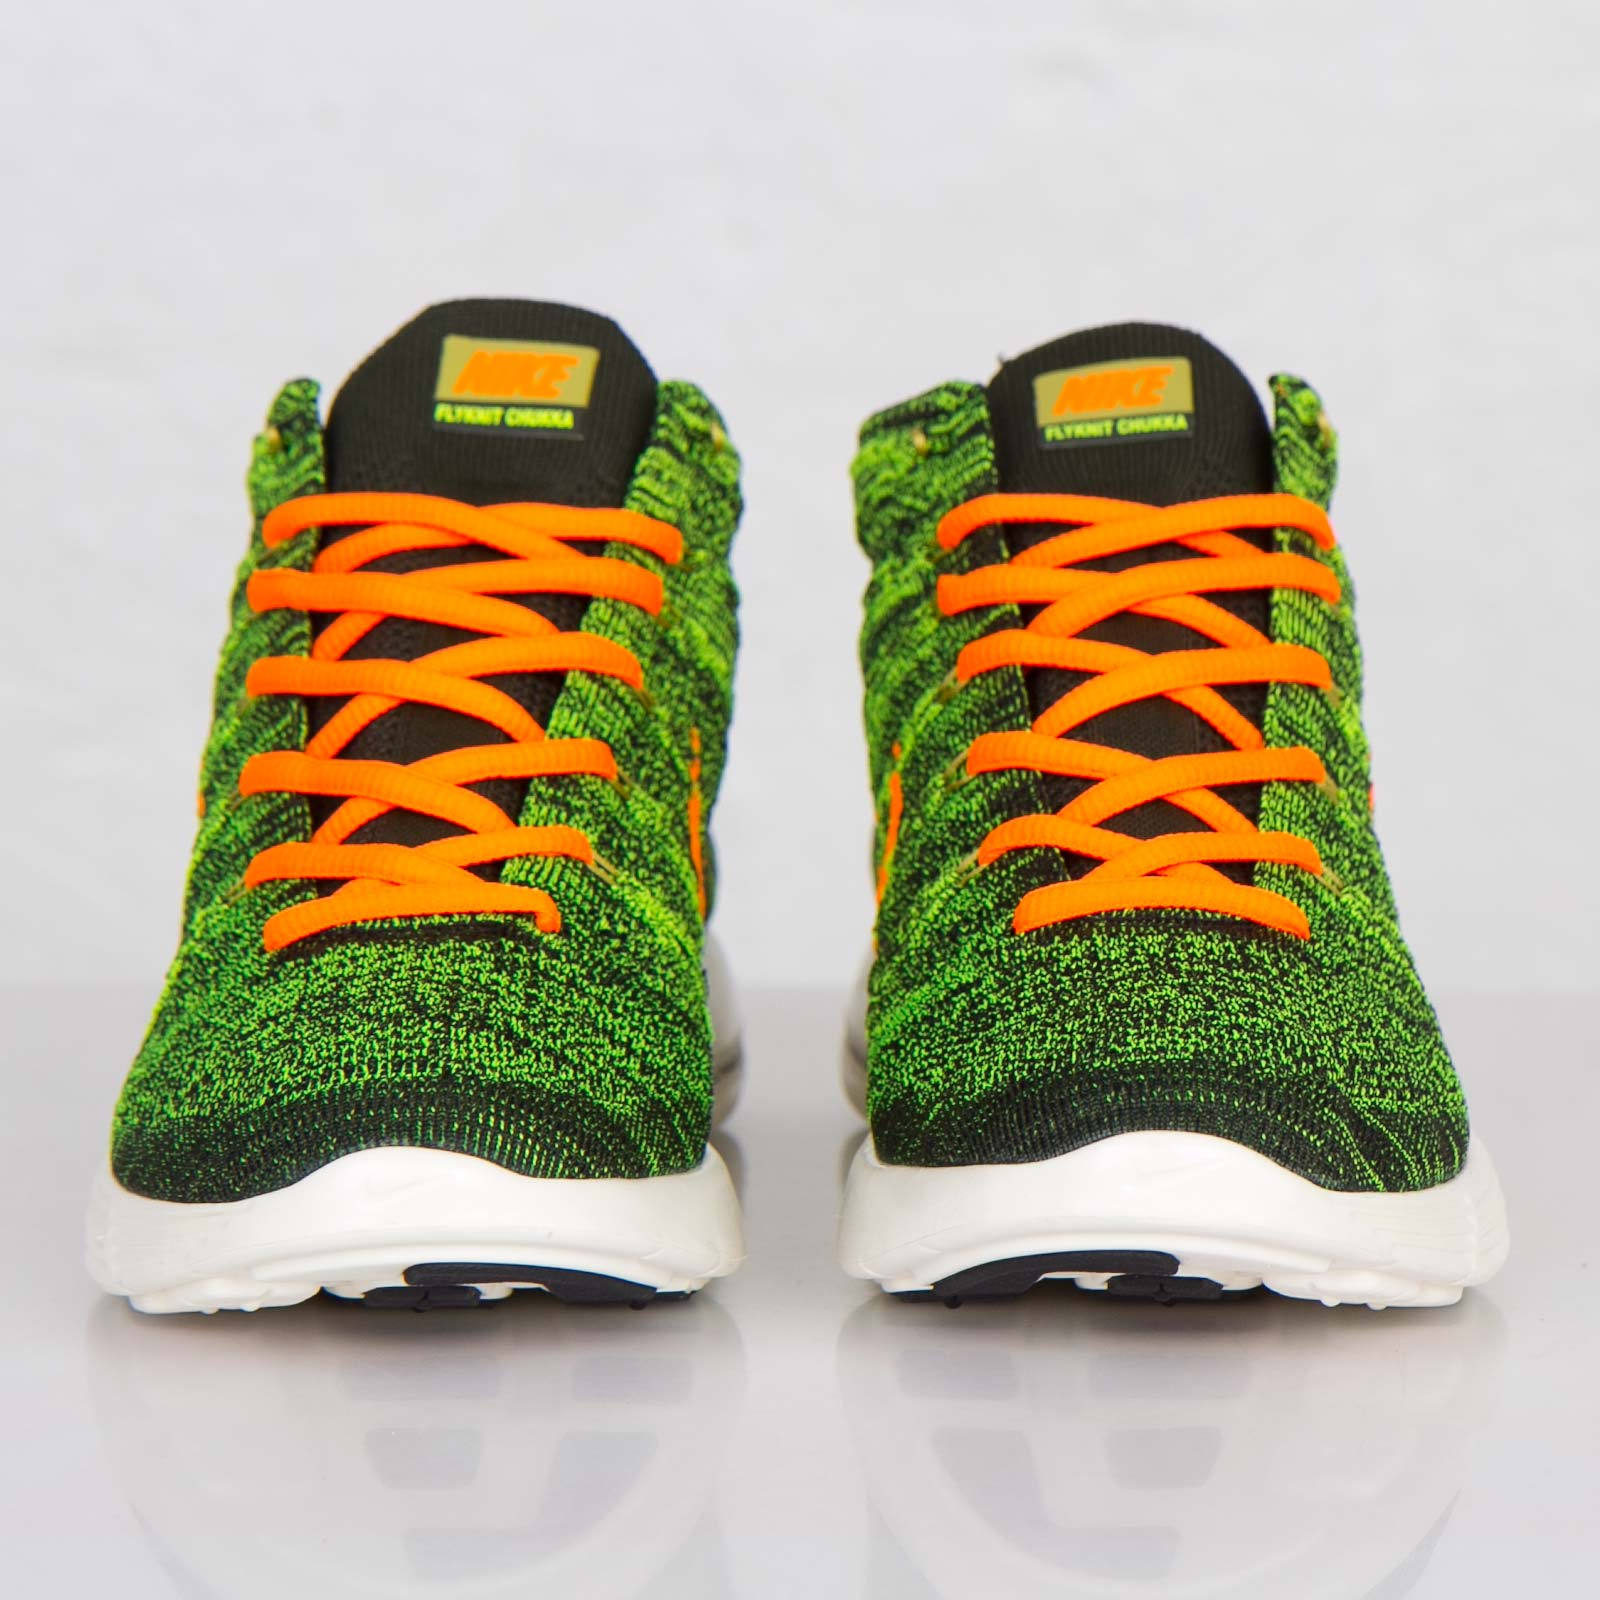 promo code 032c0 41255 Nike Lunar Flyknit Chukka - 554969-080 - Sneakersnstuff | sneakers &  streetwear online since 1999